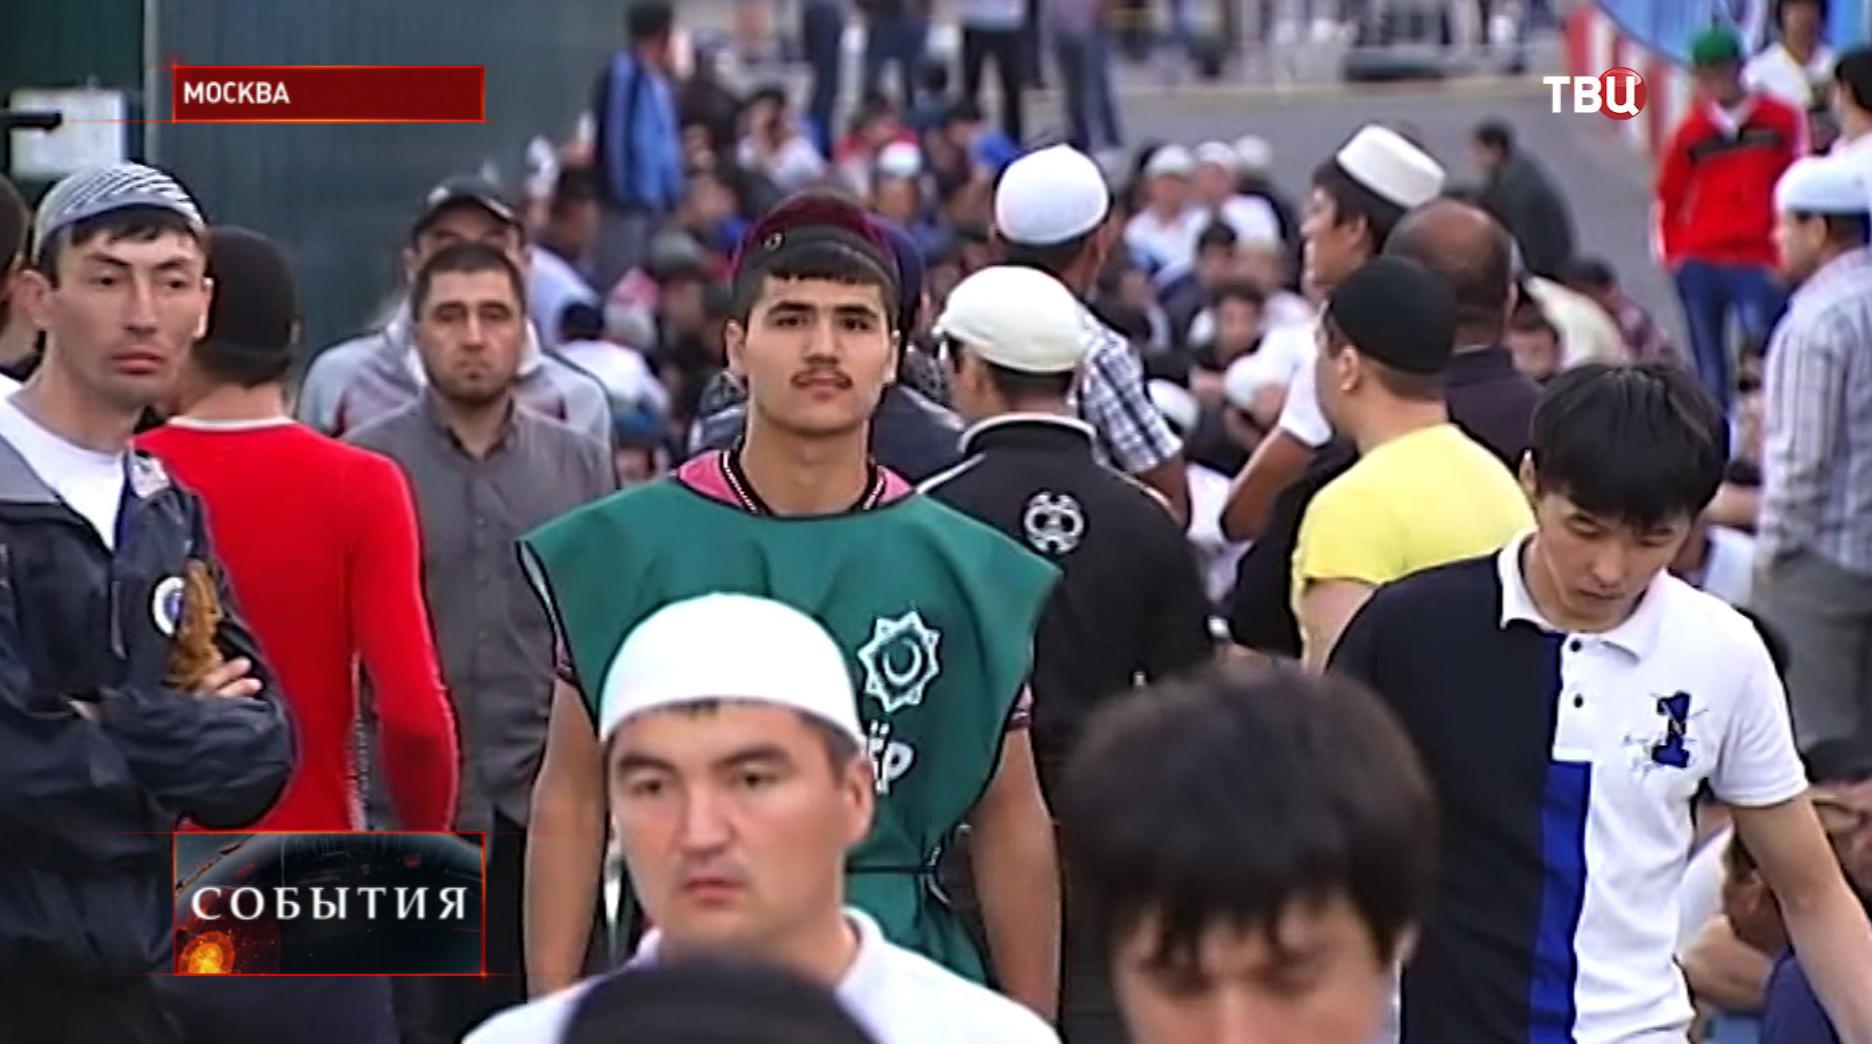 Ролики с мусульманками 12 фотография